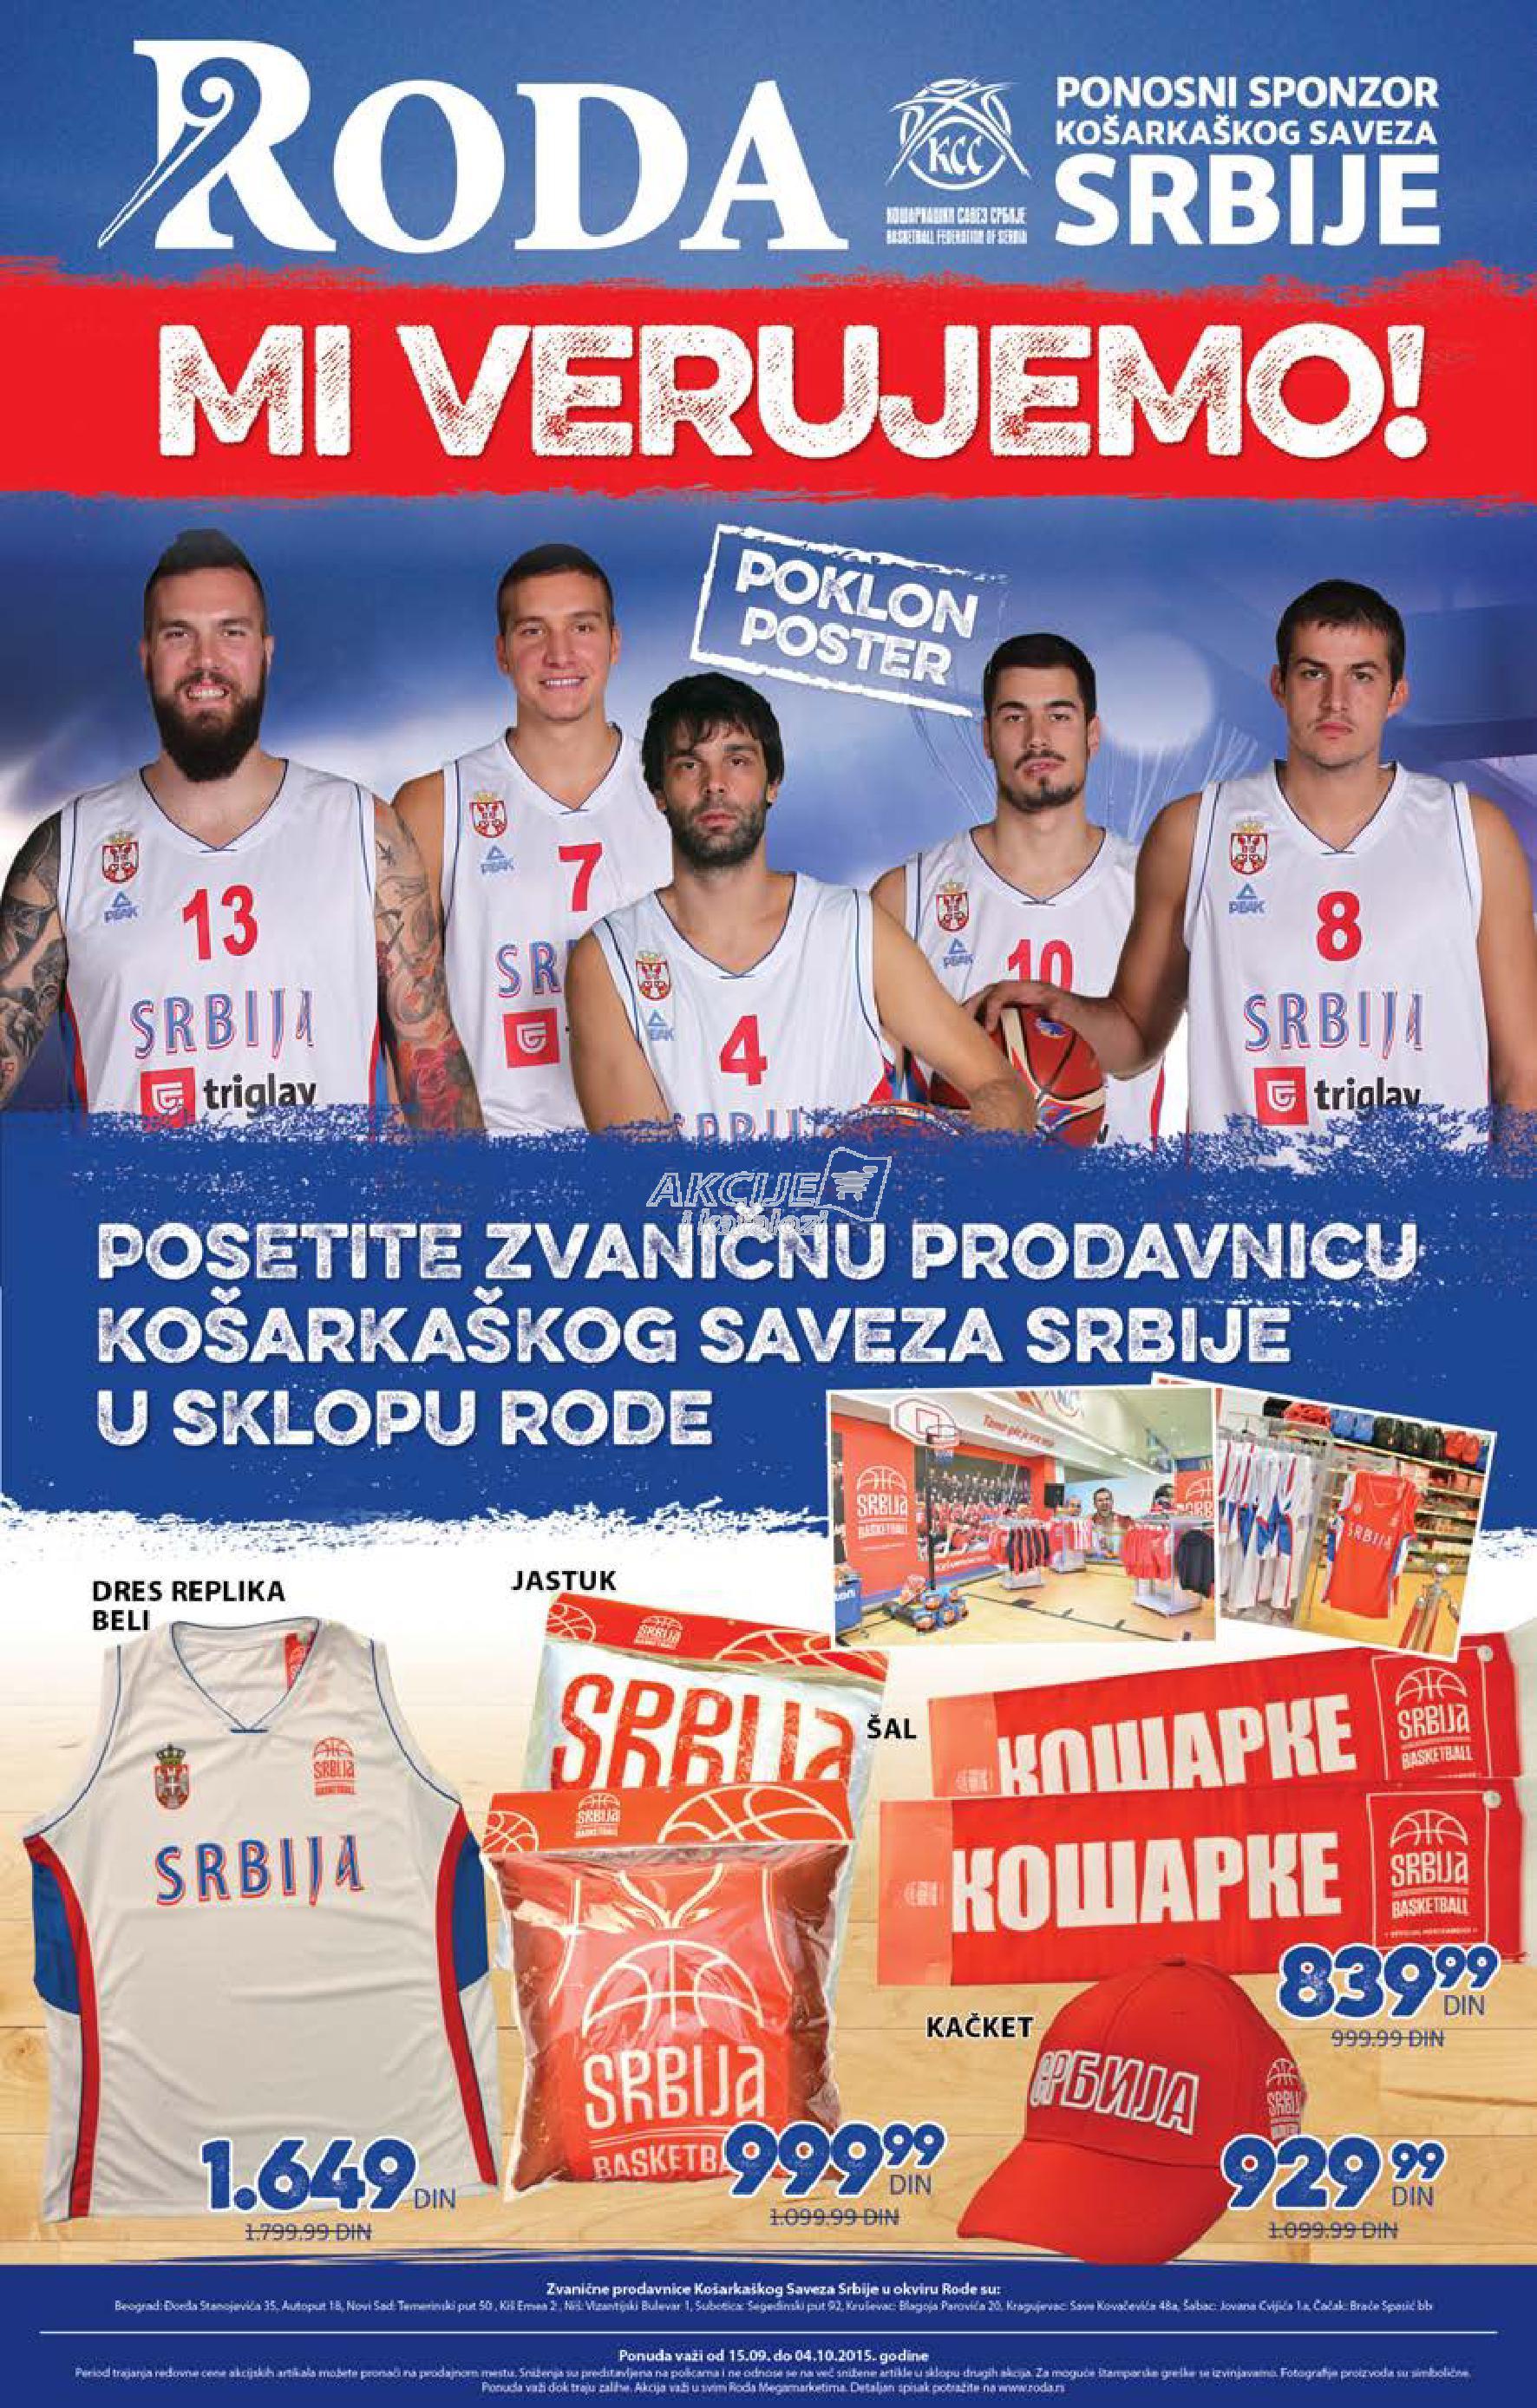 Roda - Redovna akcija za košarkaše